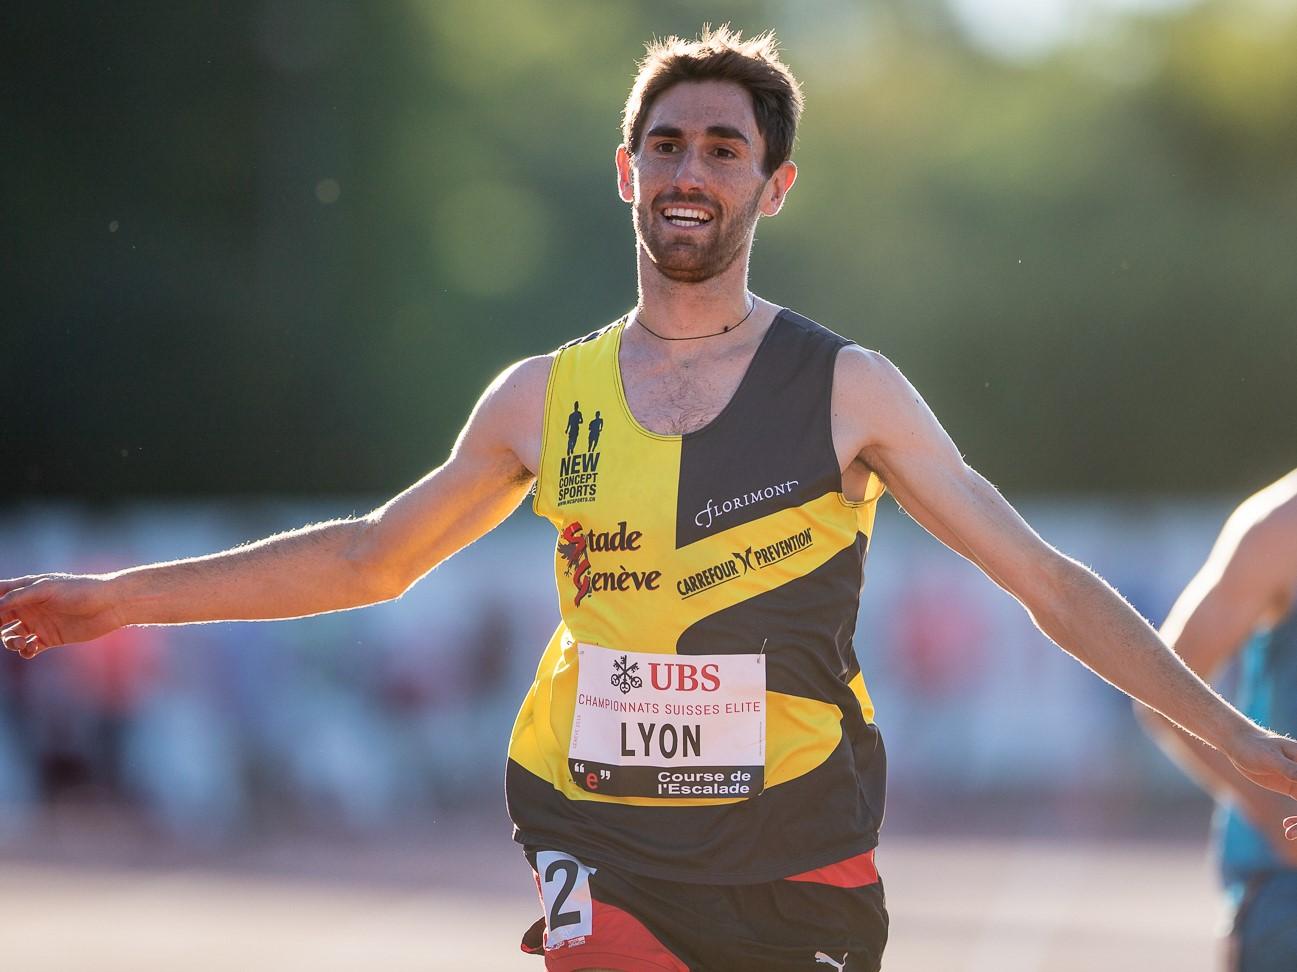 Julien Lyon an der SM Aktive 2016 in Genf (Photo: athletix.ch)